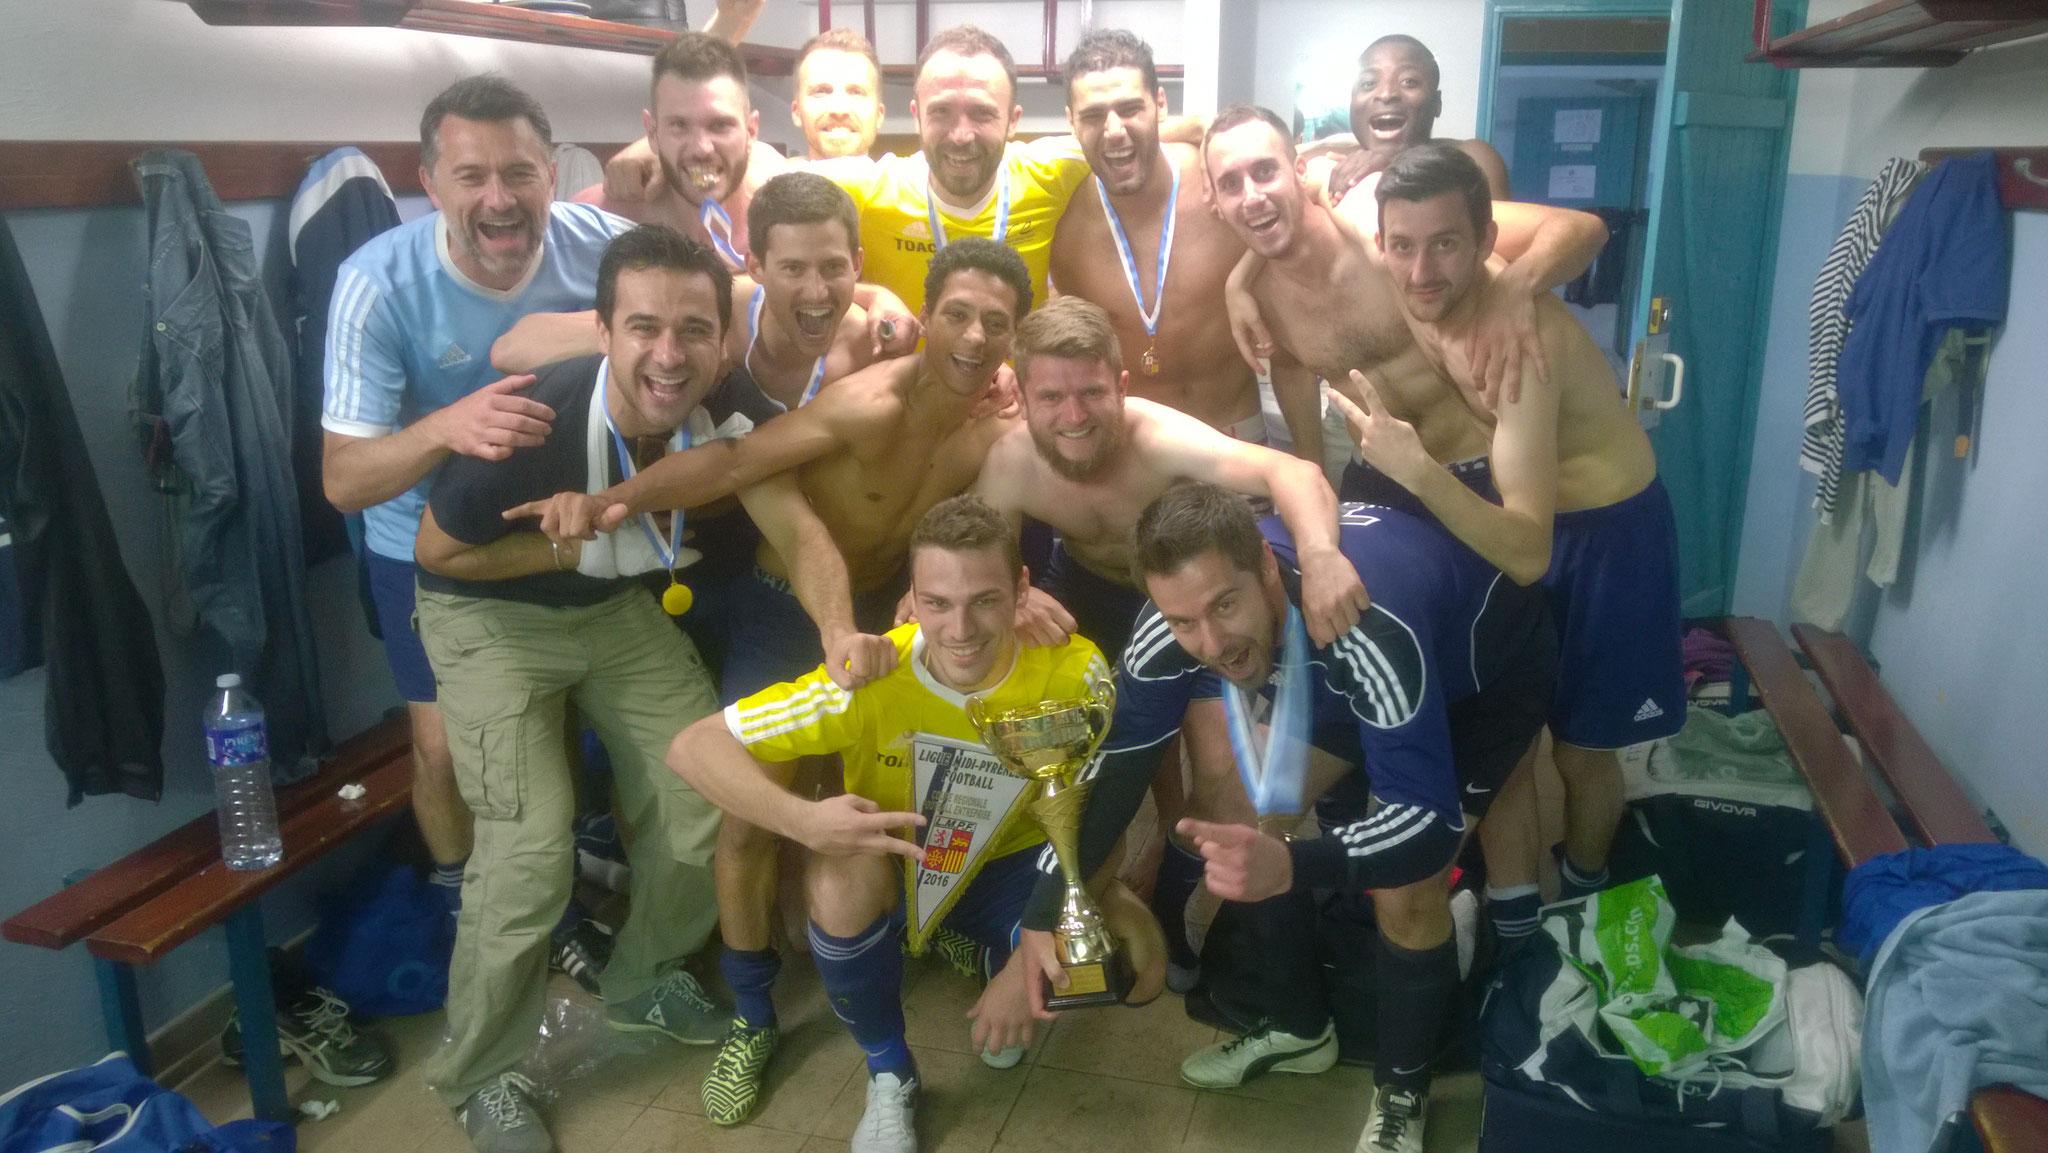 2015-2016 - Vainqueur de la coupe régionale / Victoire 3 - 0 contre Les Municipaux de Toulouse